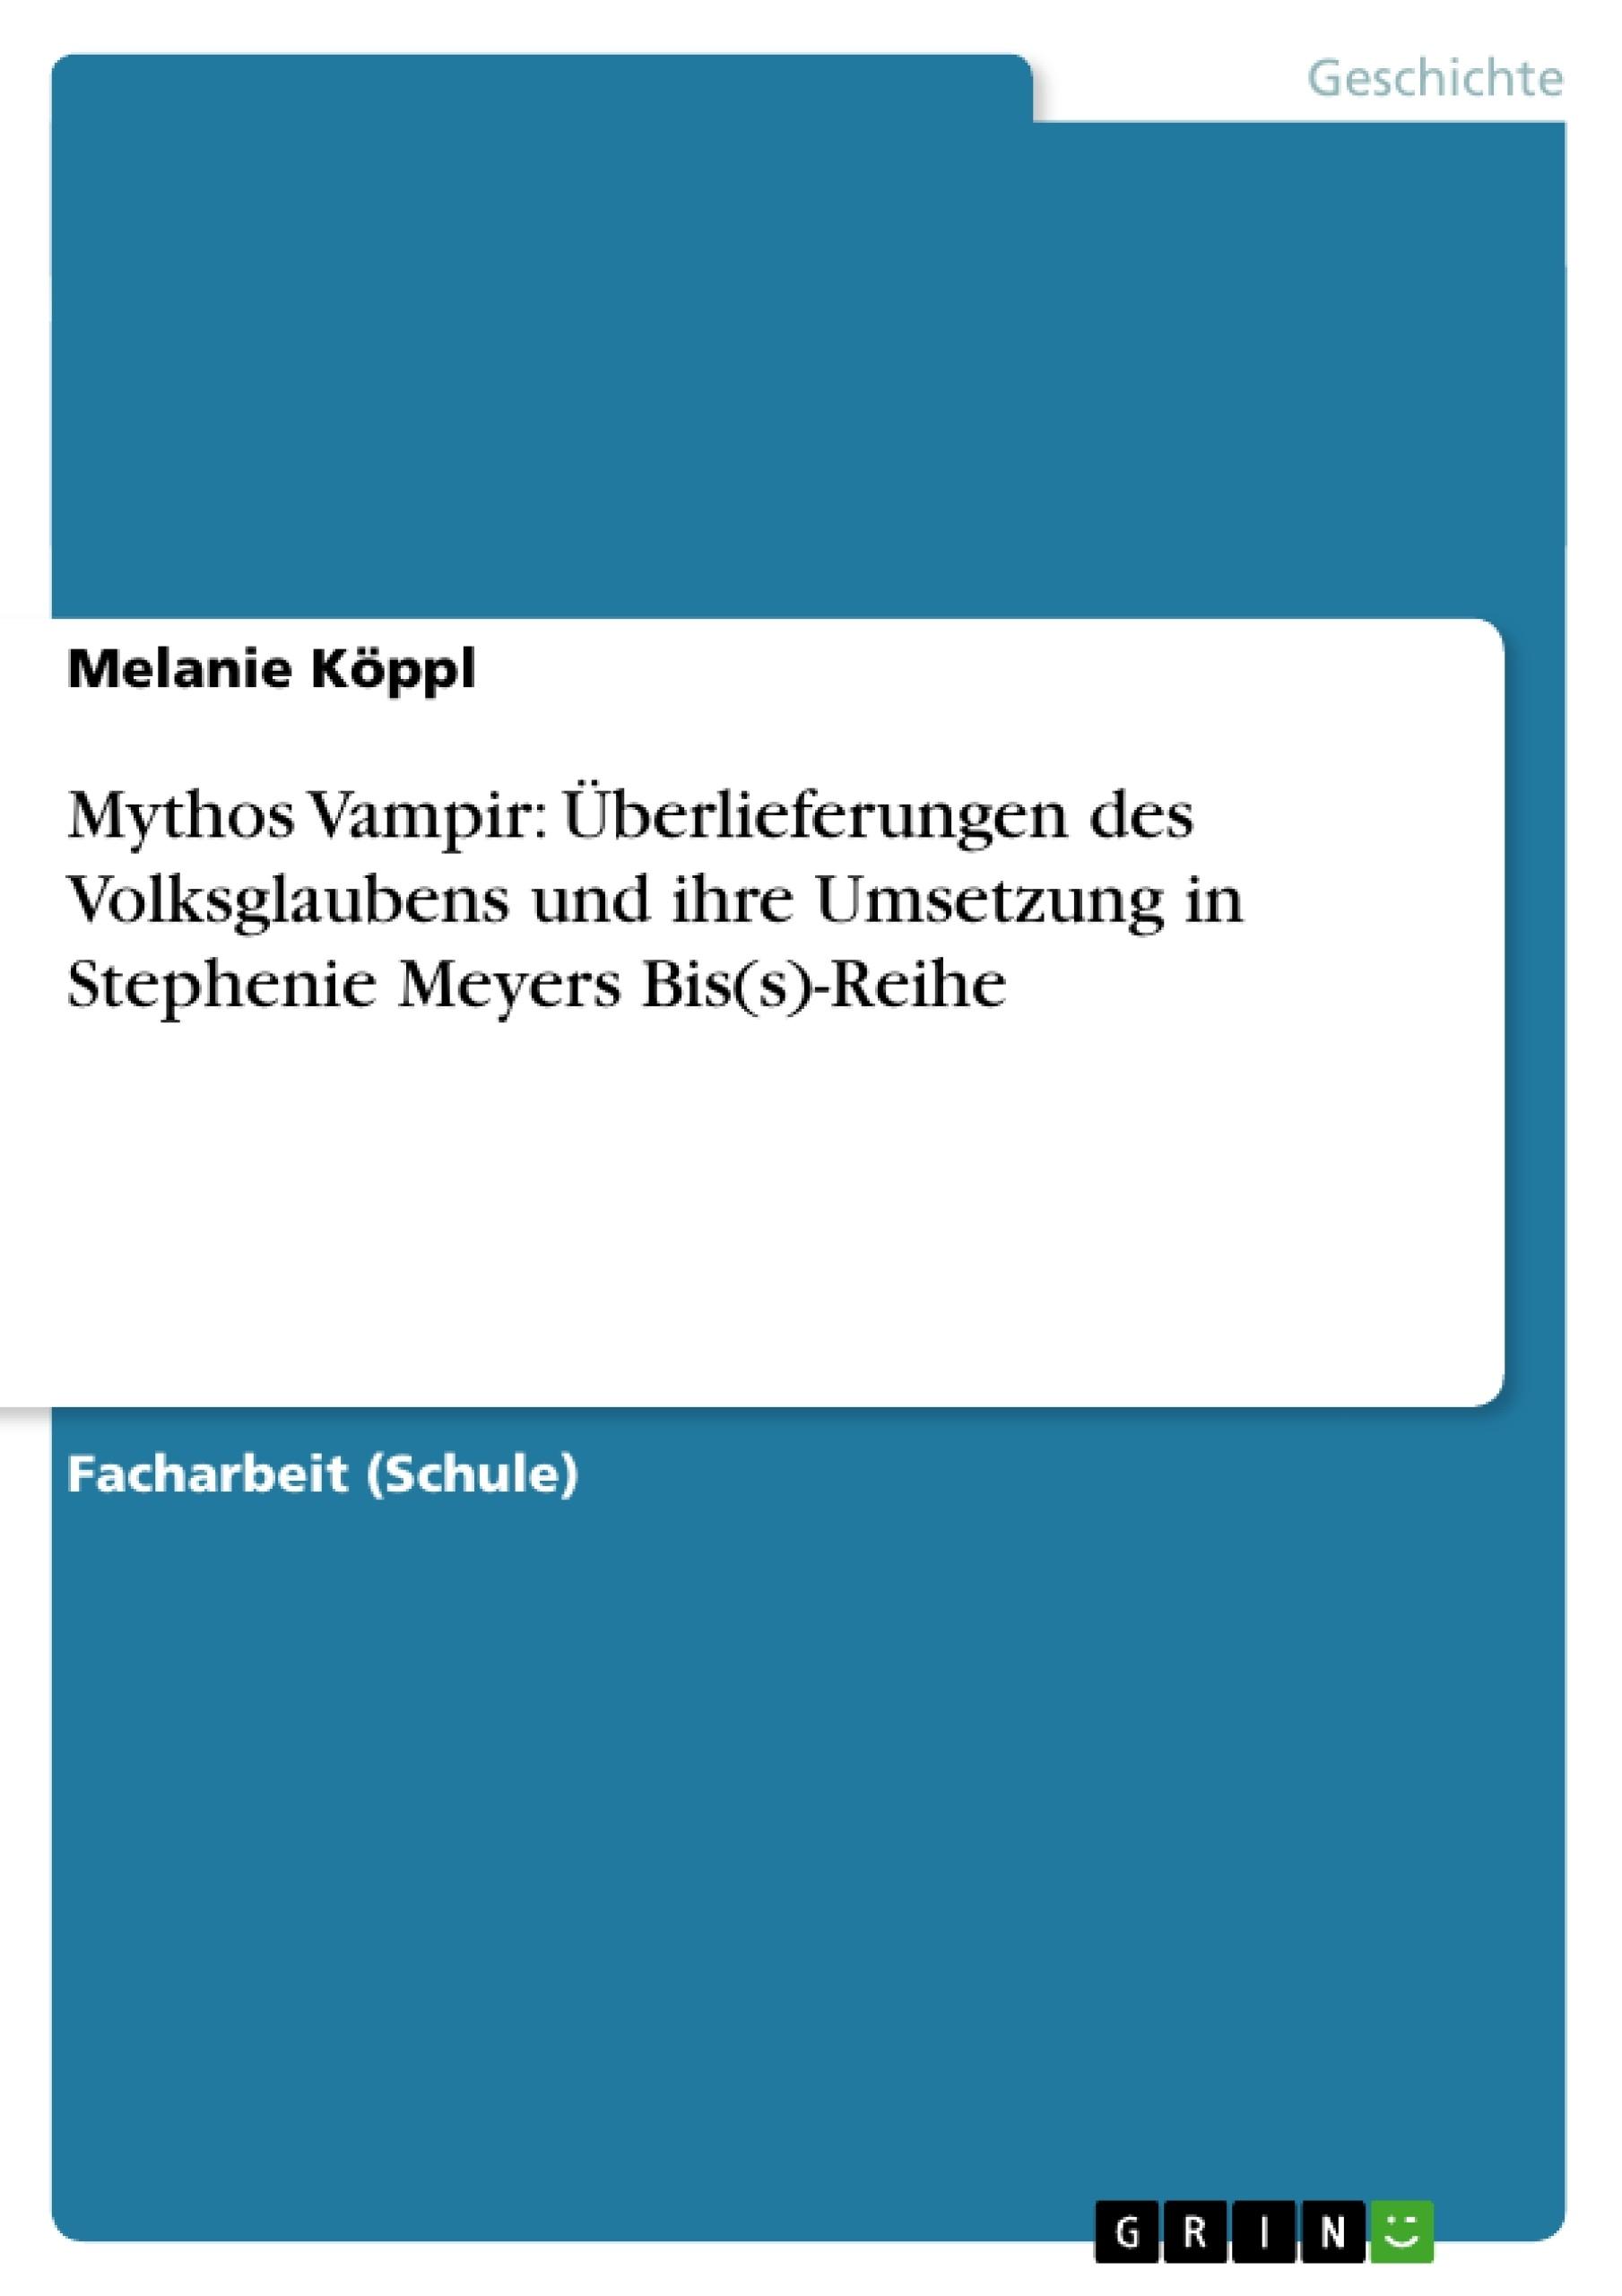 Titel: Mythos Vampir: Überlieferungen des Volksglaubens und ihre Umsetzung in Stephenie Meyers Bis(s)-Reihe